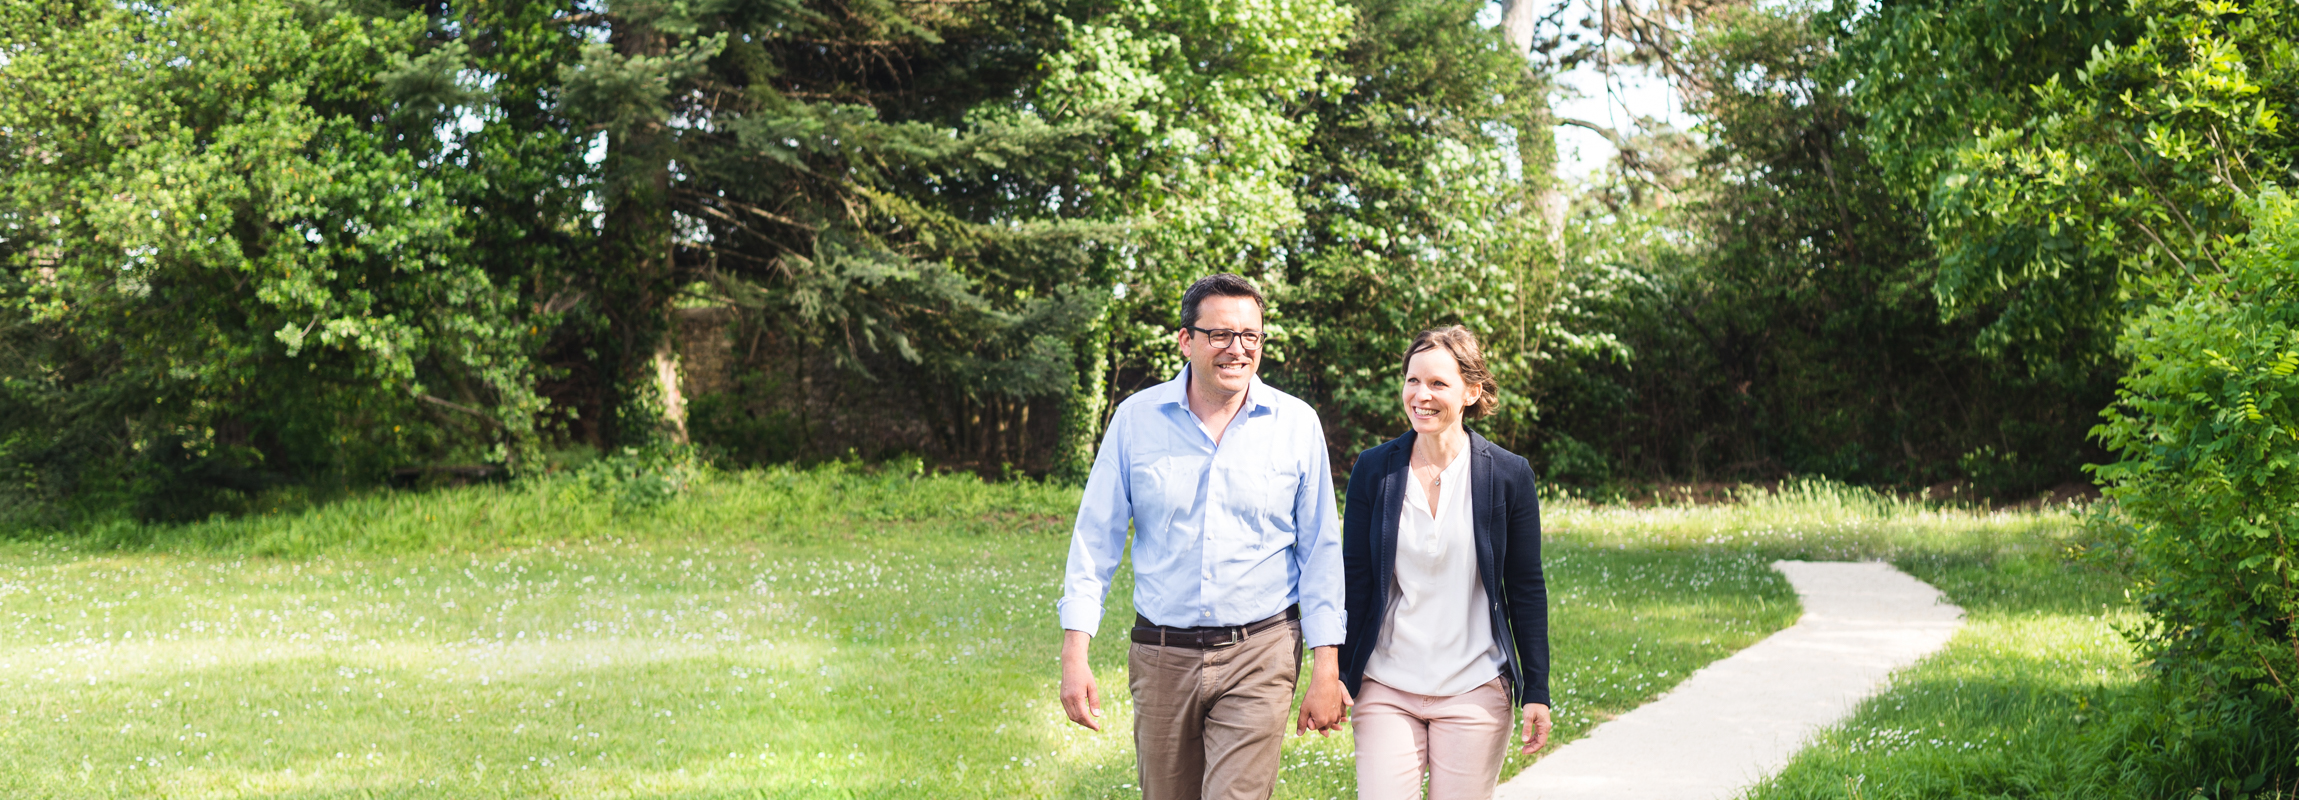 Andrea und Rolf Bertschi schlendern durch den Schlosspark des Hotels Château de Montcaud. Das Gastgeberehepaar hat in der Provence, Südfrankreich ein neues zu Hause gefunden.